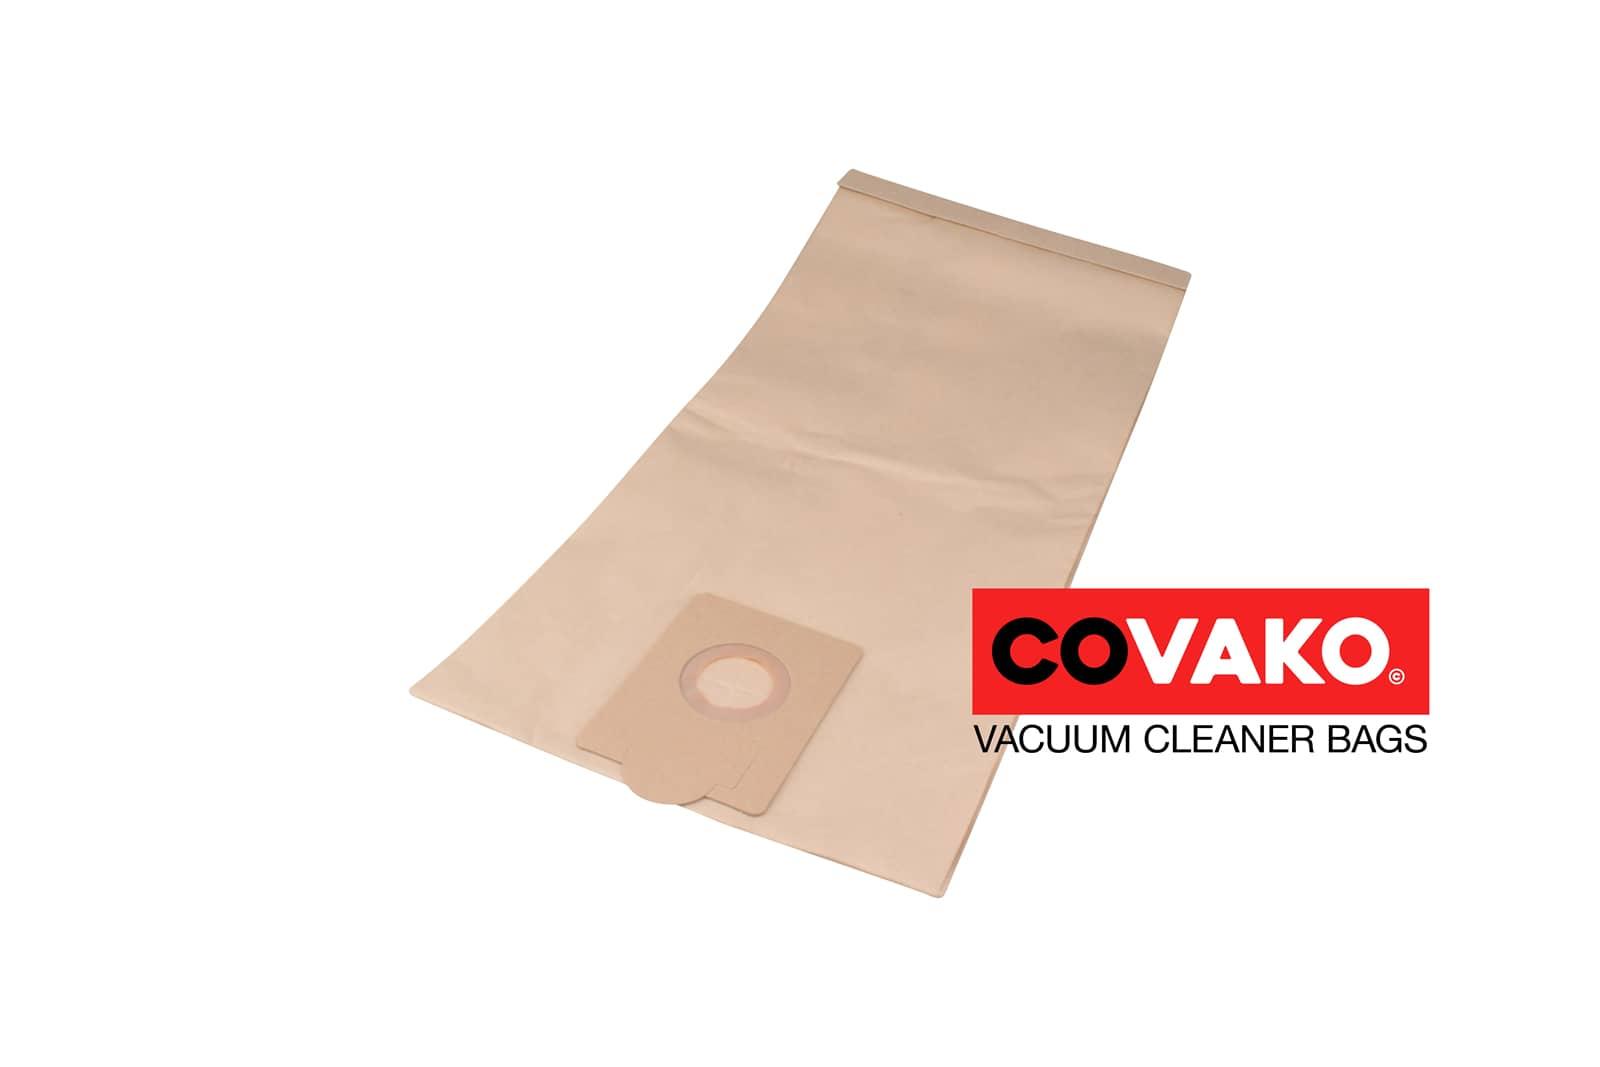 Lavor Windy 365 IR / Papier - Lavor sacs d'aspirateur